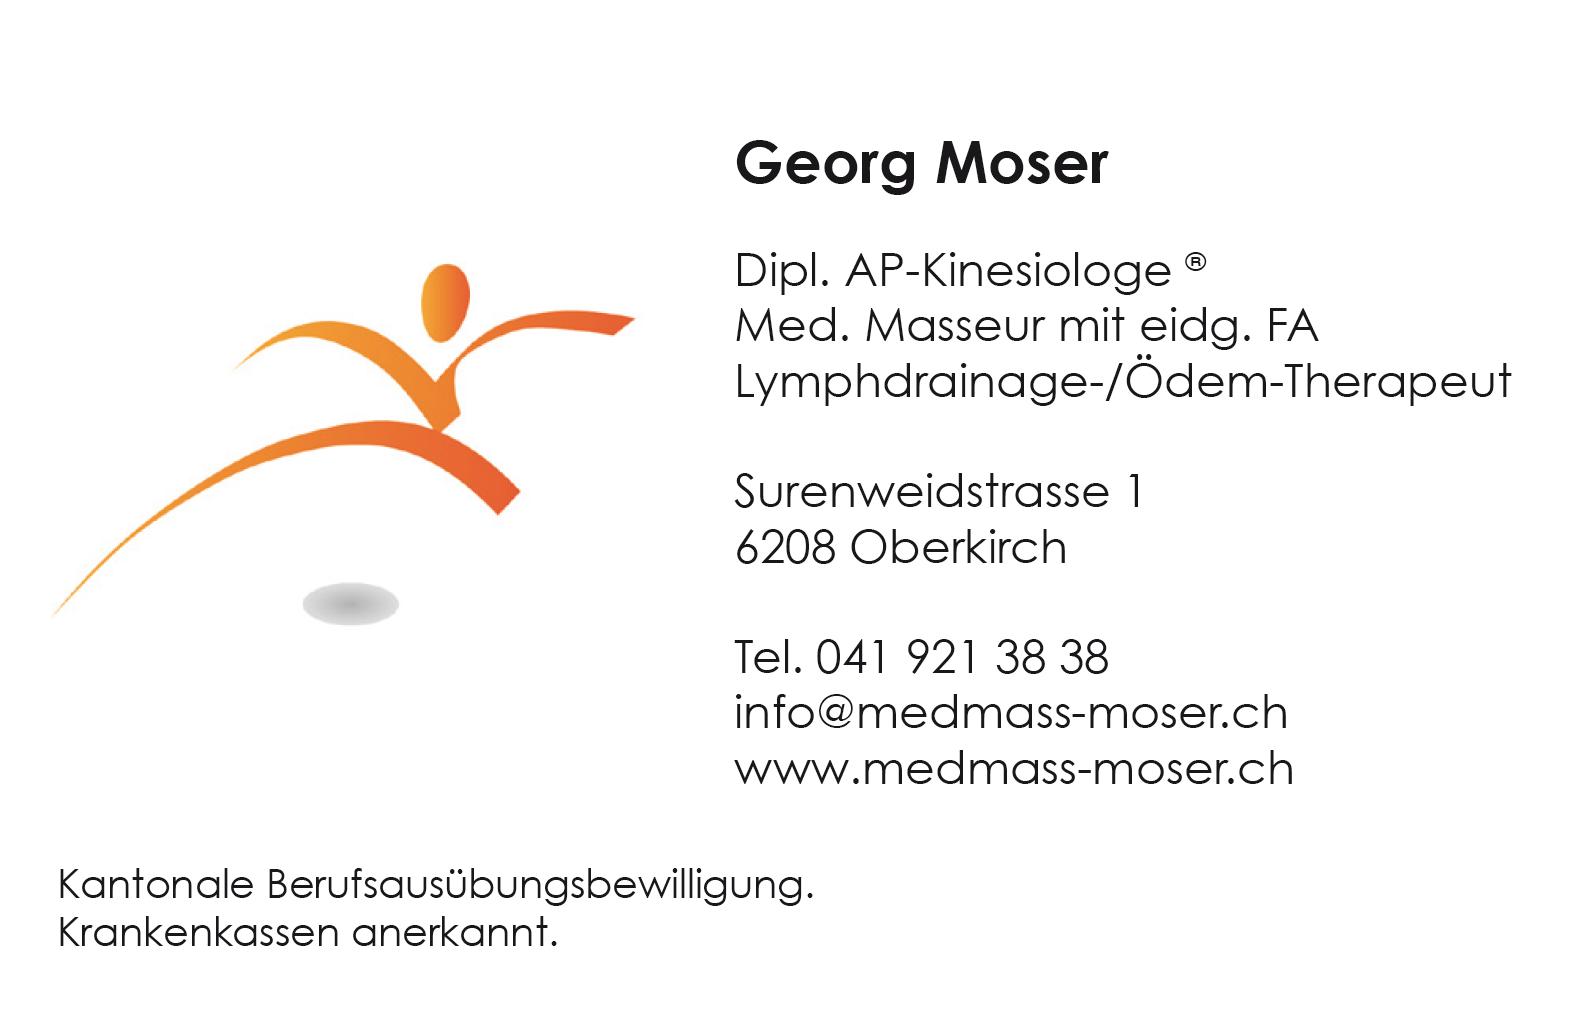 Medmass Moser